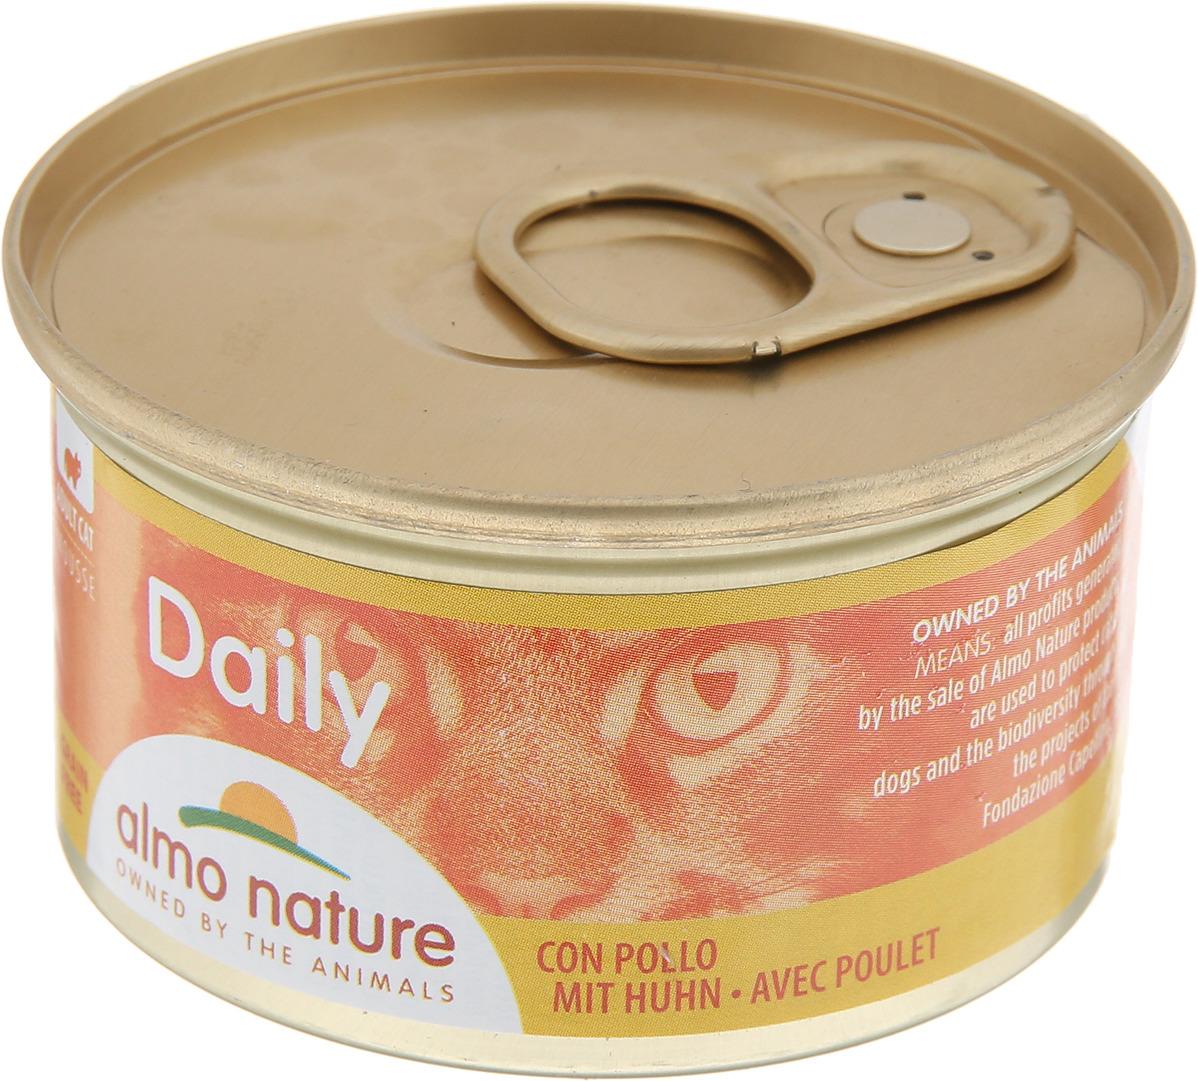 Консервы Almo Nature для кошек, с курицей, 85 г24066Консервы для кошек Almo Nature сохраняют свежесть каждого кусочка. Корм изготовлен только из свежих высококачественных натуральных ингредиентов, что обеспечивает здоровье вашей кошки. Не содержит ГМО, антибиотиков, химических добавок, консервантов и красителей. Состав: мясо и его производные (из которого курица 14%), минералы, растительные волокна. Пищевые добавки: витамин А мин. 1110 МЕ/кг, витамин D3 140 МЕ/кг, витамин Е 10 мг/кг, сульфат меди пентагидрат 3,2 мг/кг, таурин 490 мг, камедь кассии - 3 г/кг. Товар сертифицирован.Уважаемые клиенты!Обращаем ваше внимание на то, что упаковка может иметь несколько видов дизайна. Поставка осуществляется в зависимости от наличия на складе.Чем кормить пожилых кошек: советы ветеринара. Статья OZON Гид Рекомендуем!